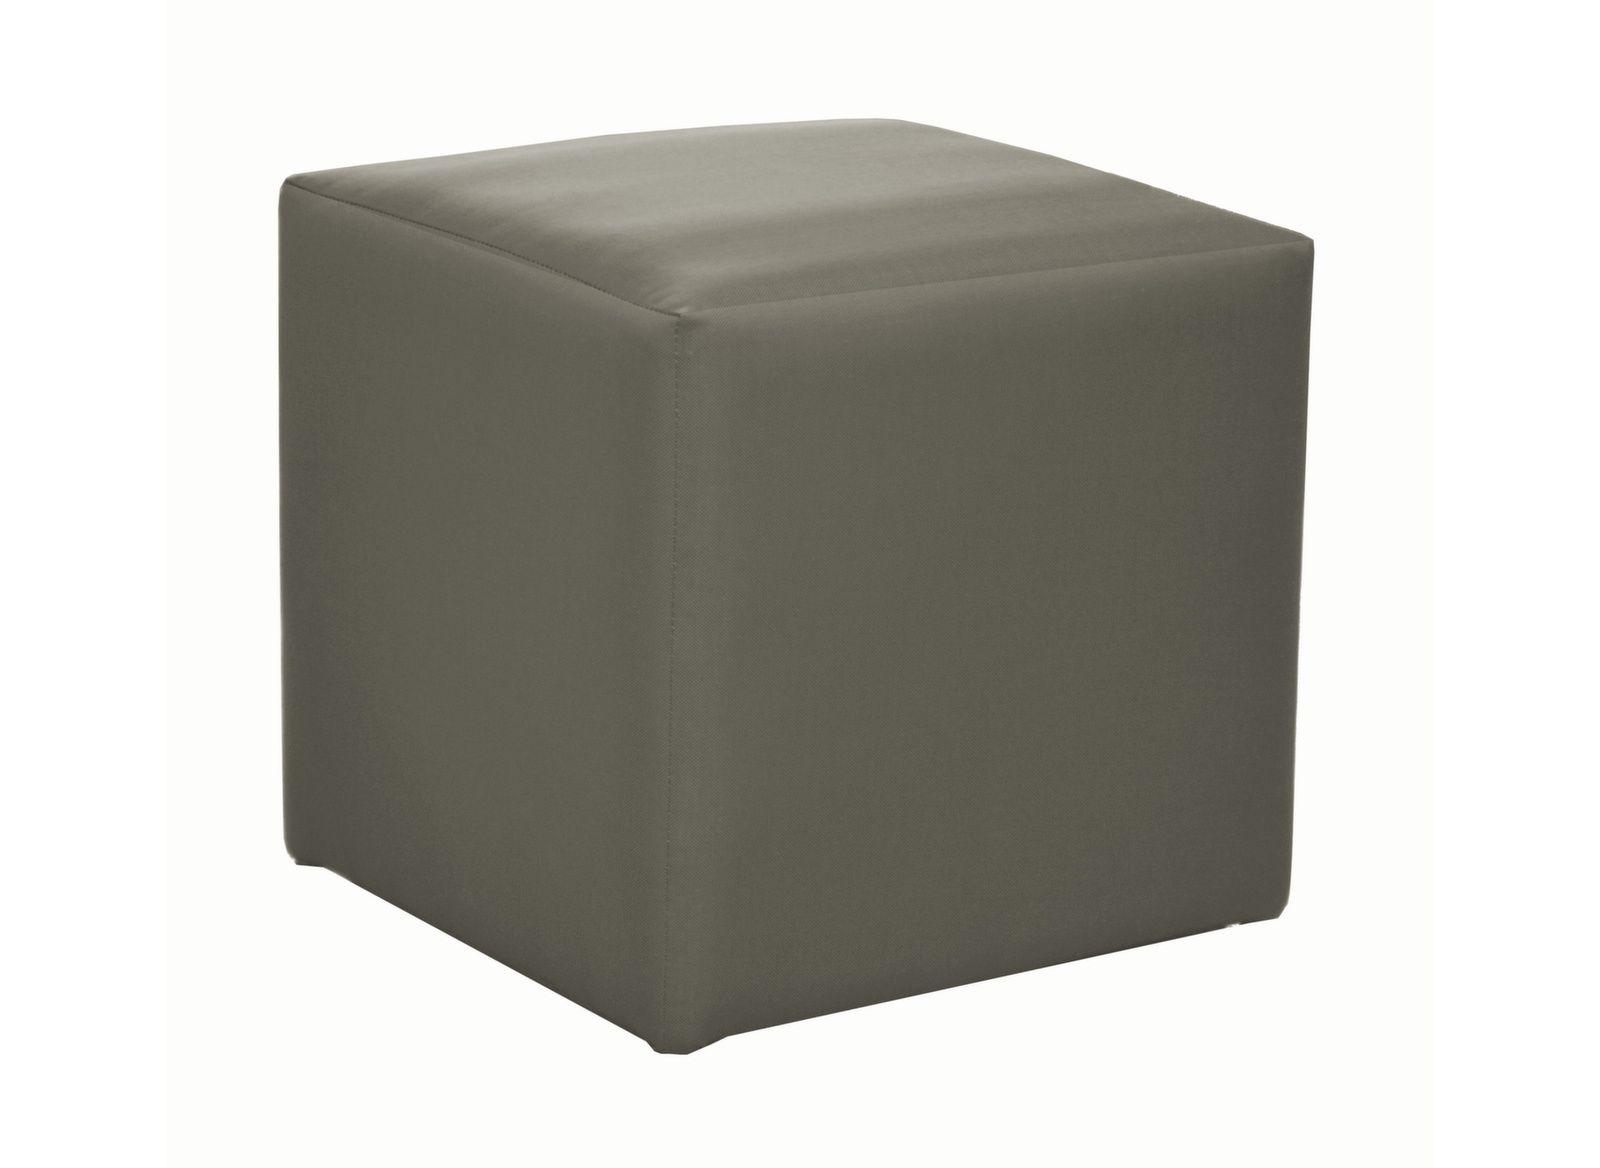 Tabouret pouf Cub